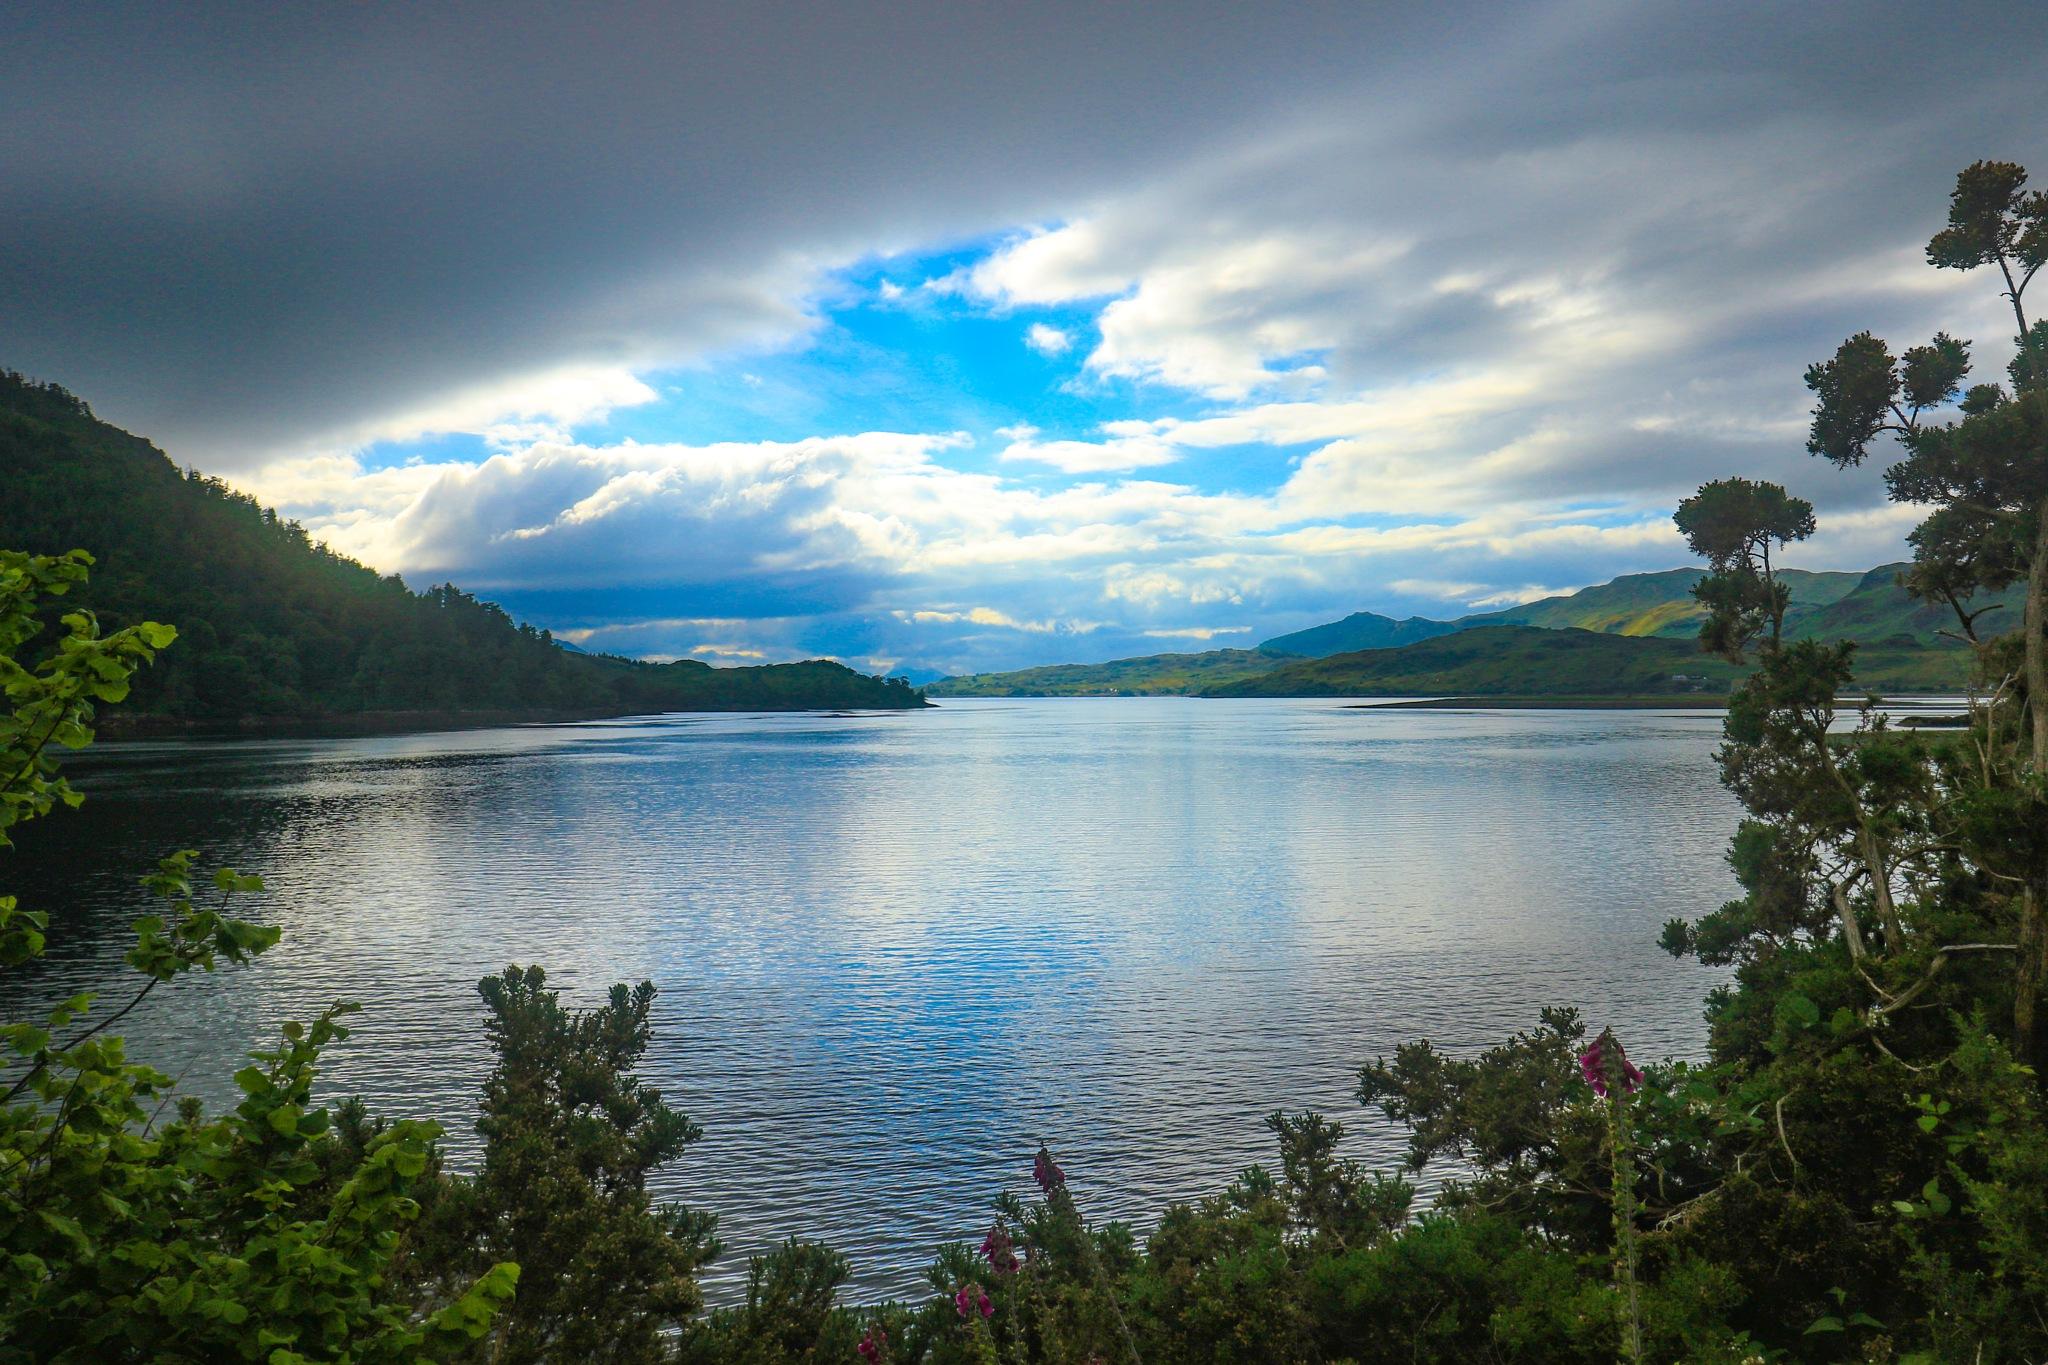 Beside a Loch by DiverFreak